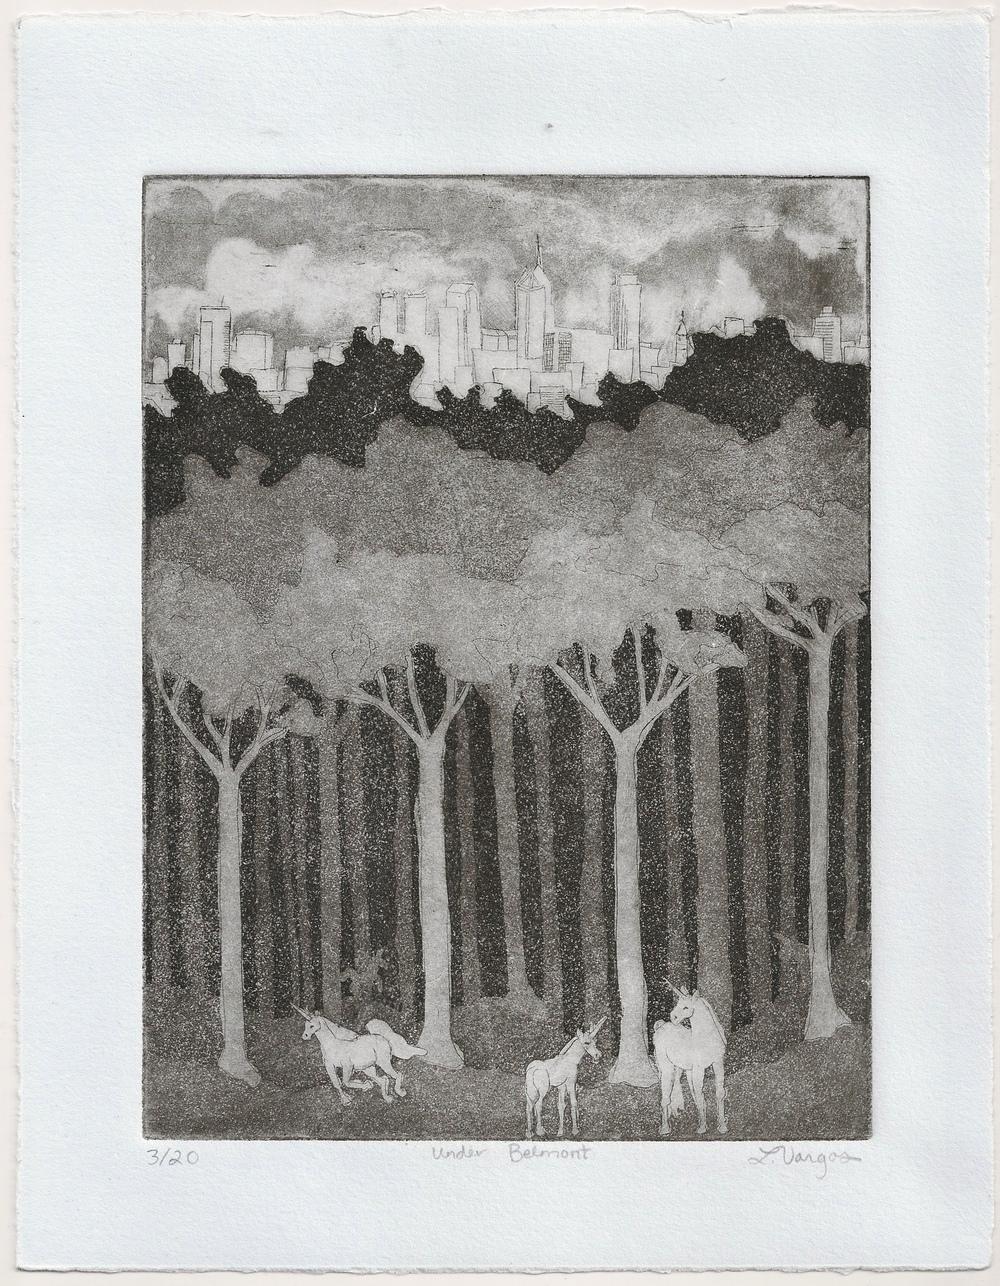 """Under Belmont, 6x7 7/8"""", etching, 2010"""